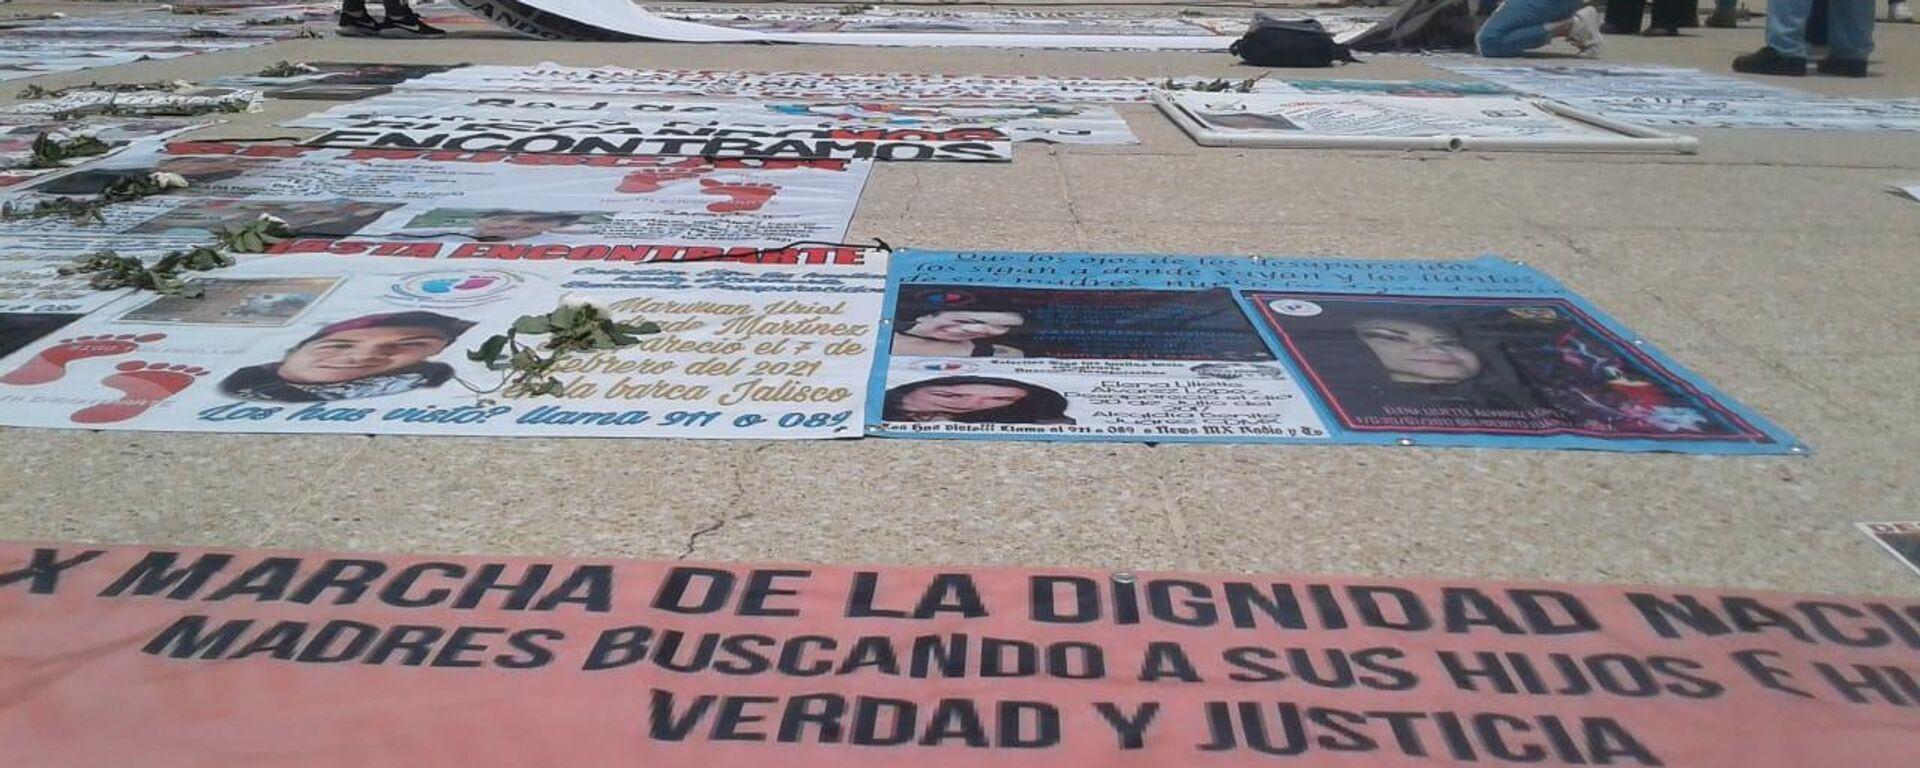 Marcha de madres en busca de hijas e hijas dsaparecidos, Ciudad de México, el 10 de mayo de 2021 - Sputnik Mundo, 1920, 10.05.2021